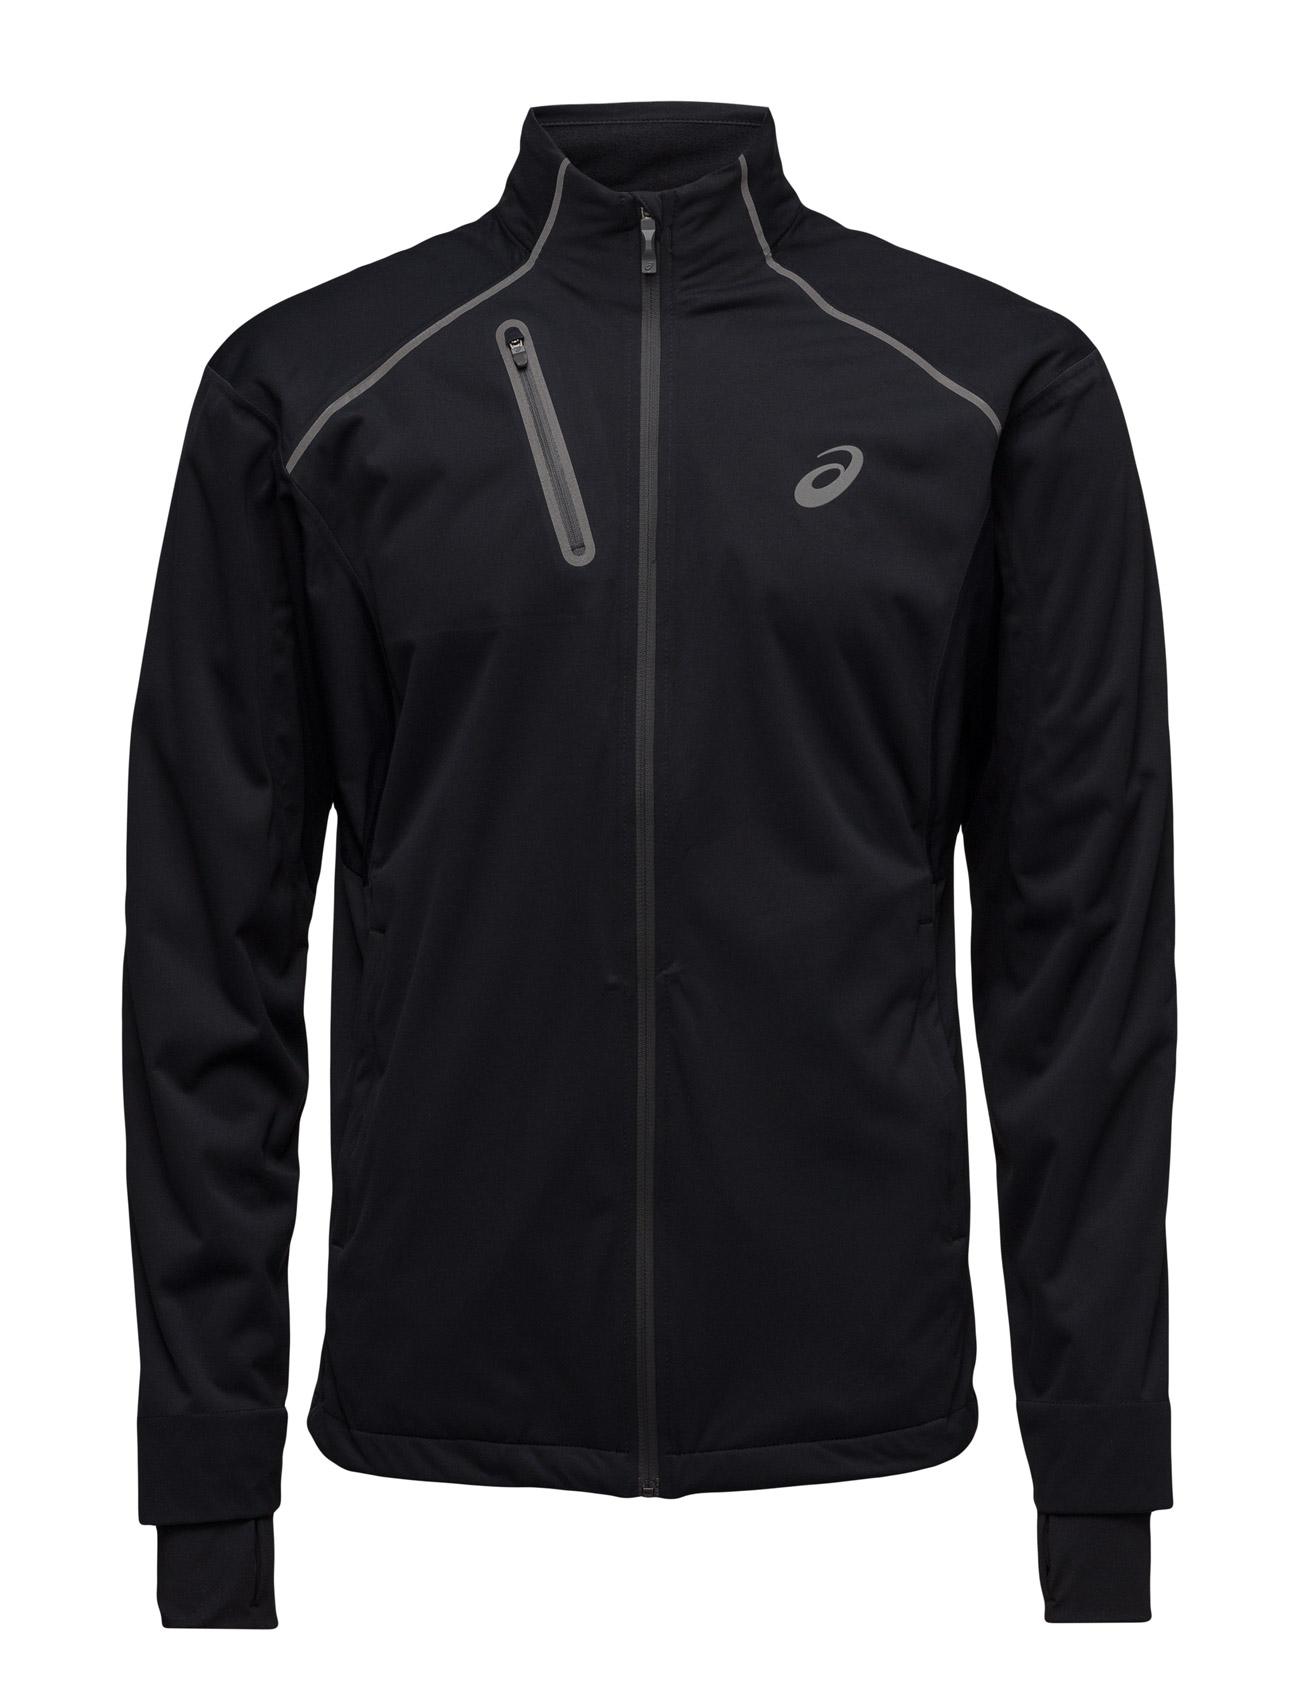 134057-Accelerate Jacket Asics Sports toppe til Herrer i